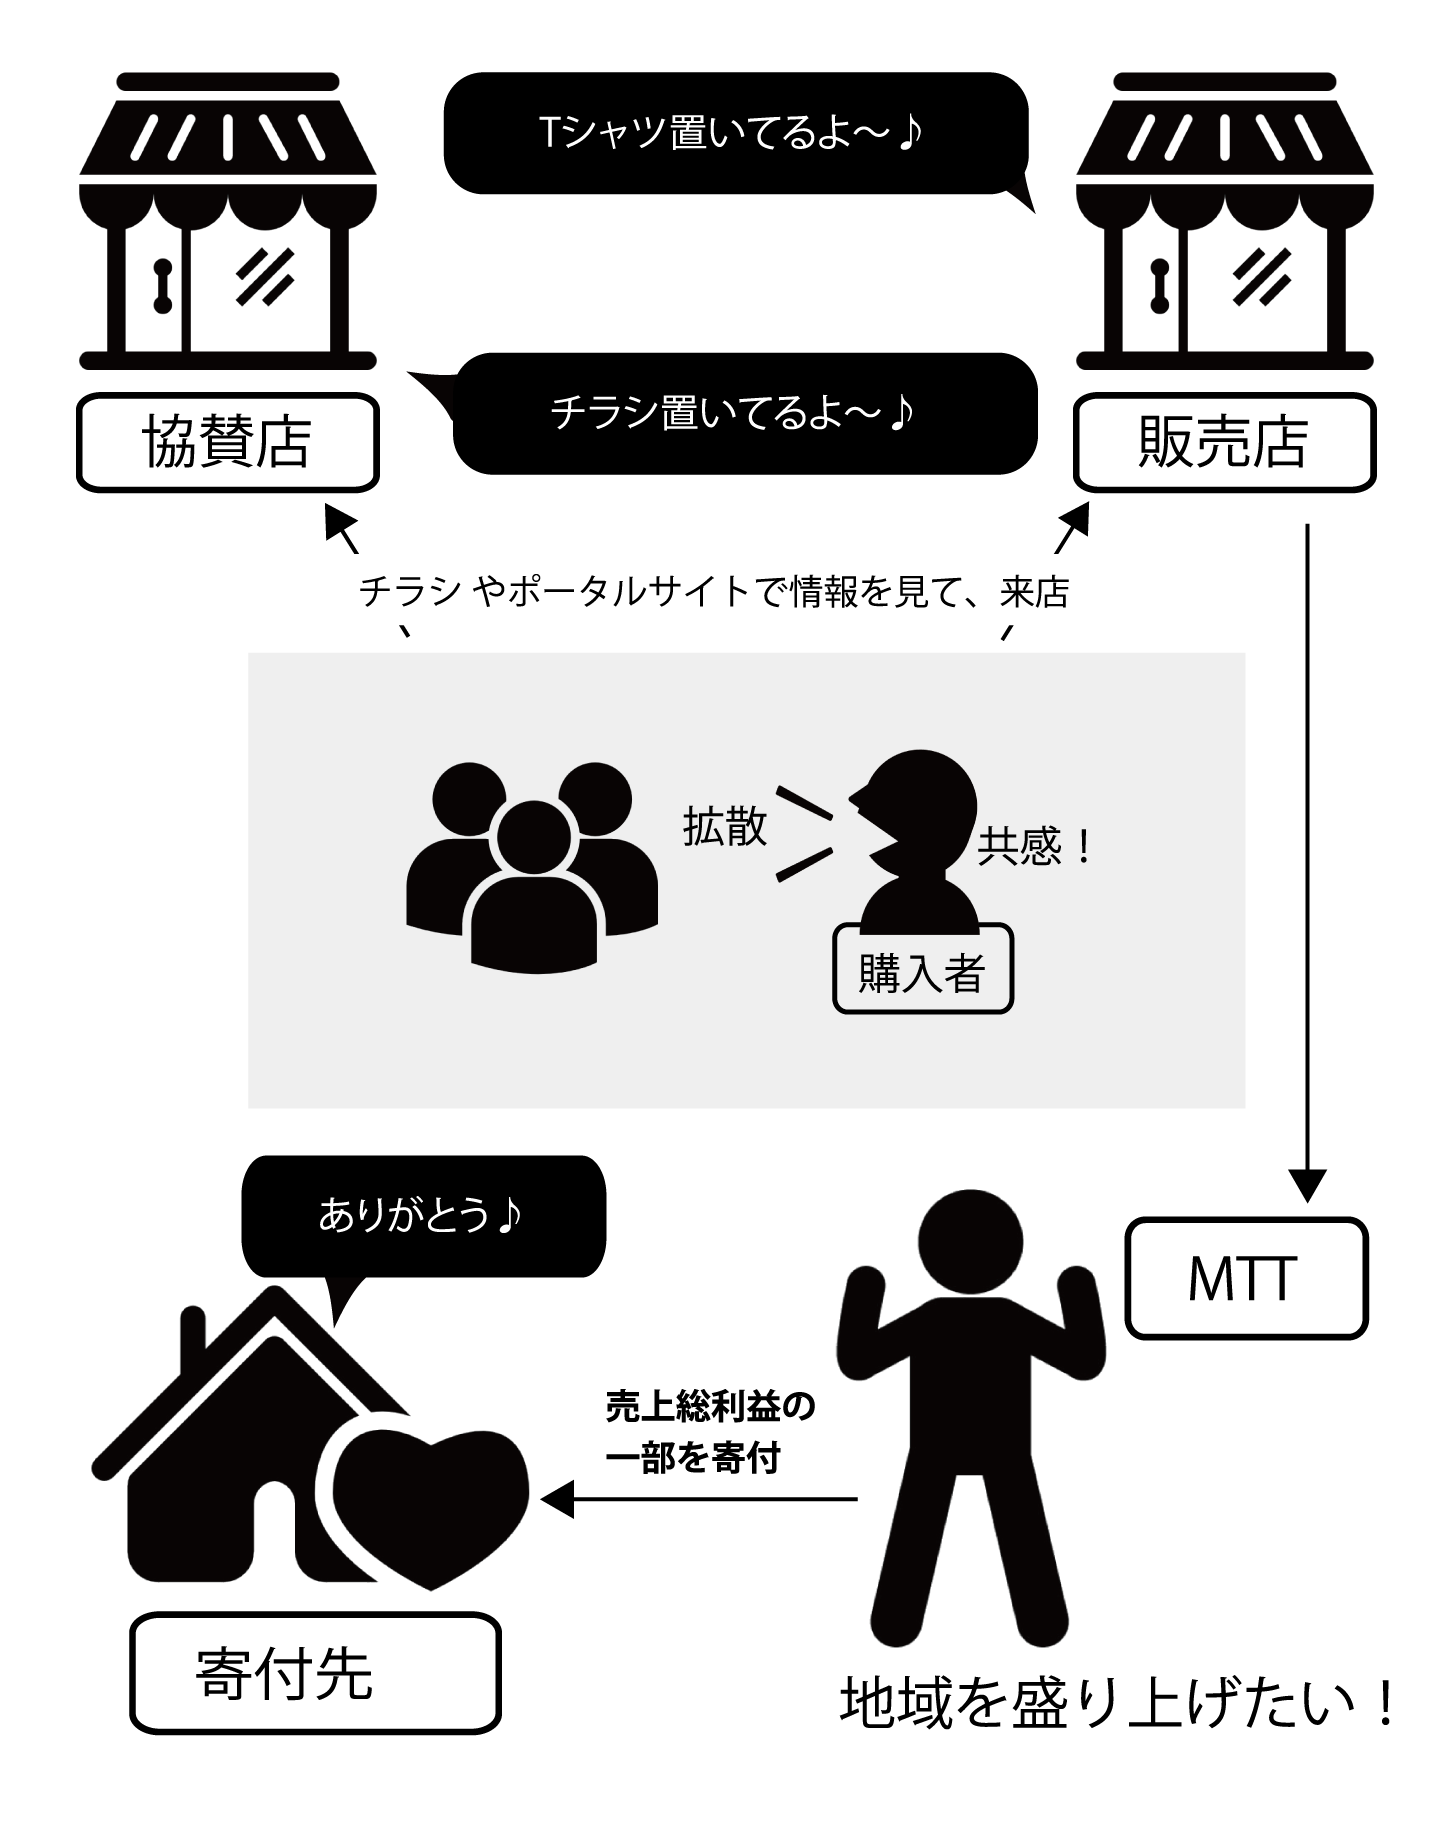 栃木のWeb屋|栃木コミュニティプロジェクト(T.C.P:Tochigi Community Project)概要